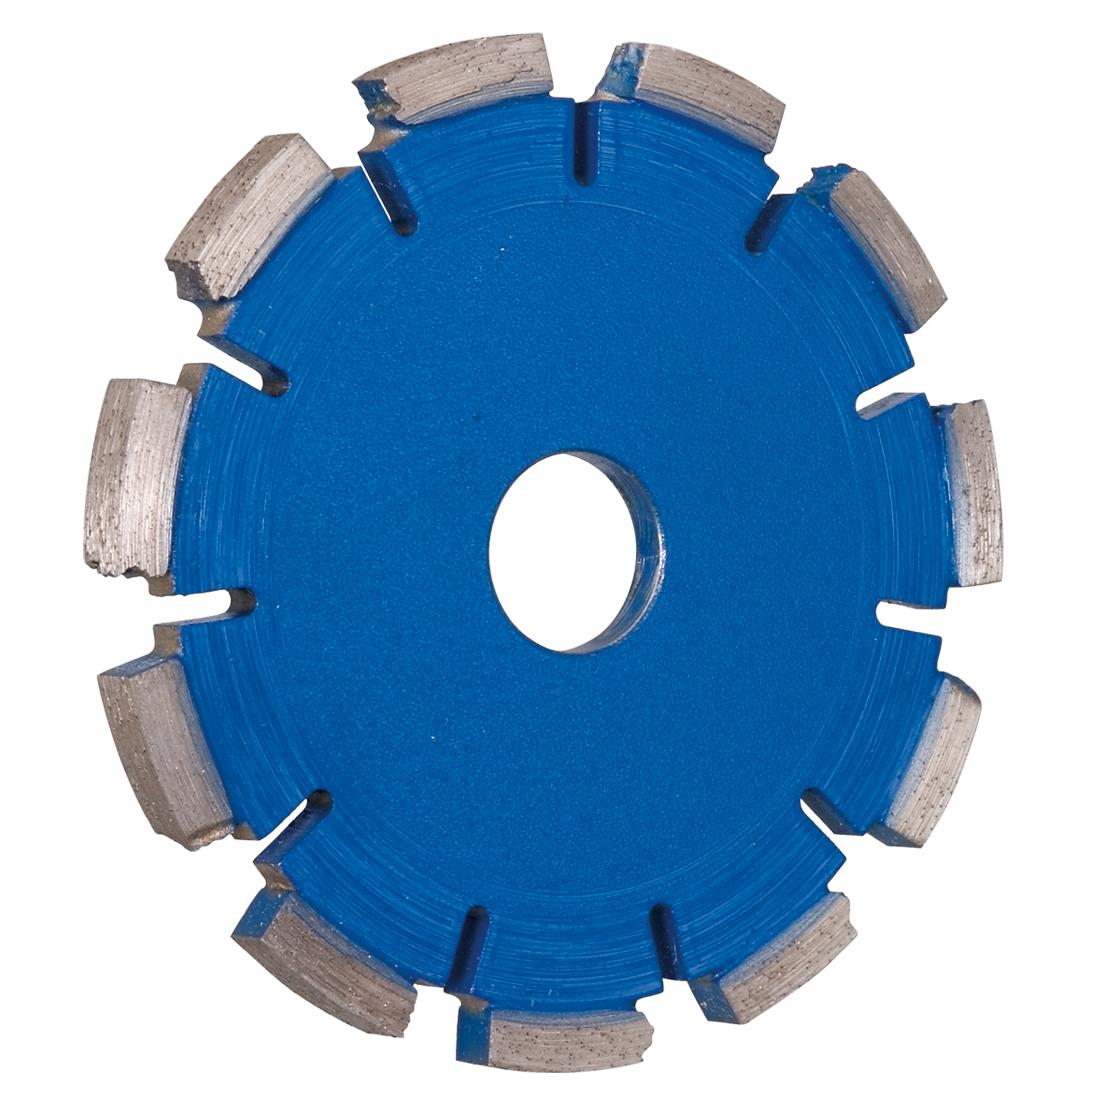 DIAREX Rillenfräser ø 100 mm   Fräsbreite 3,9 mm